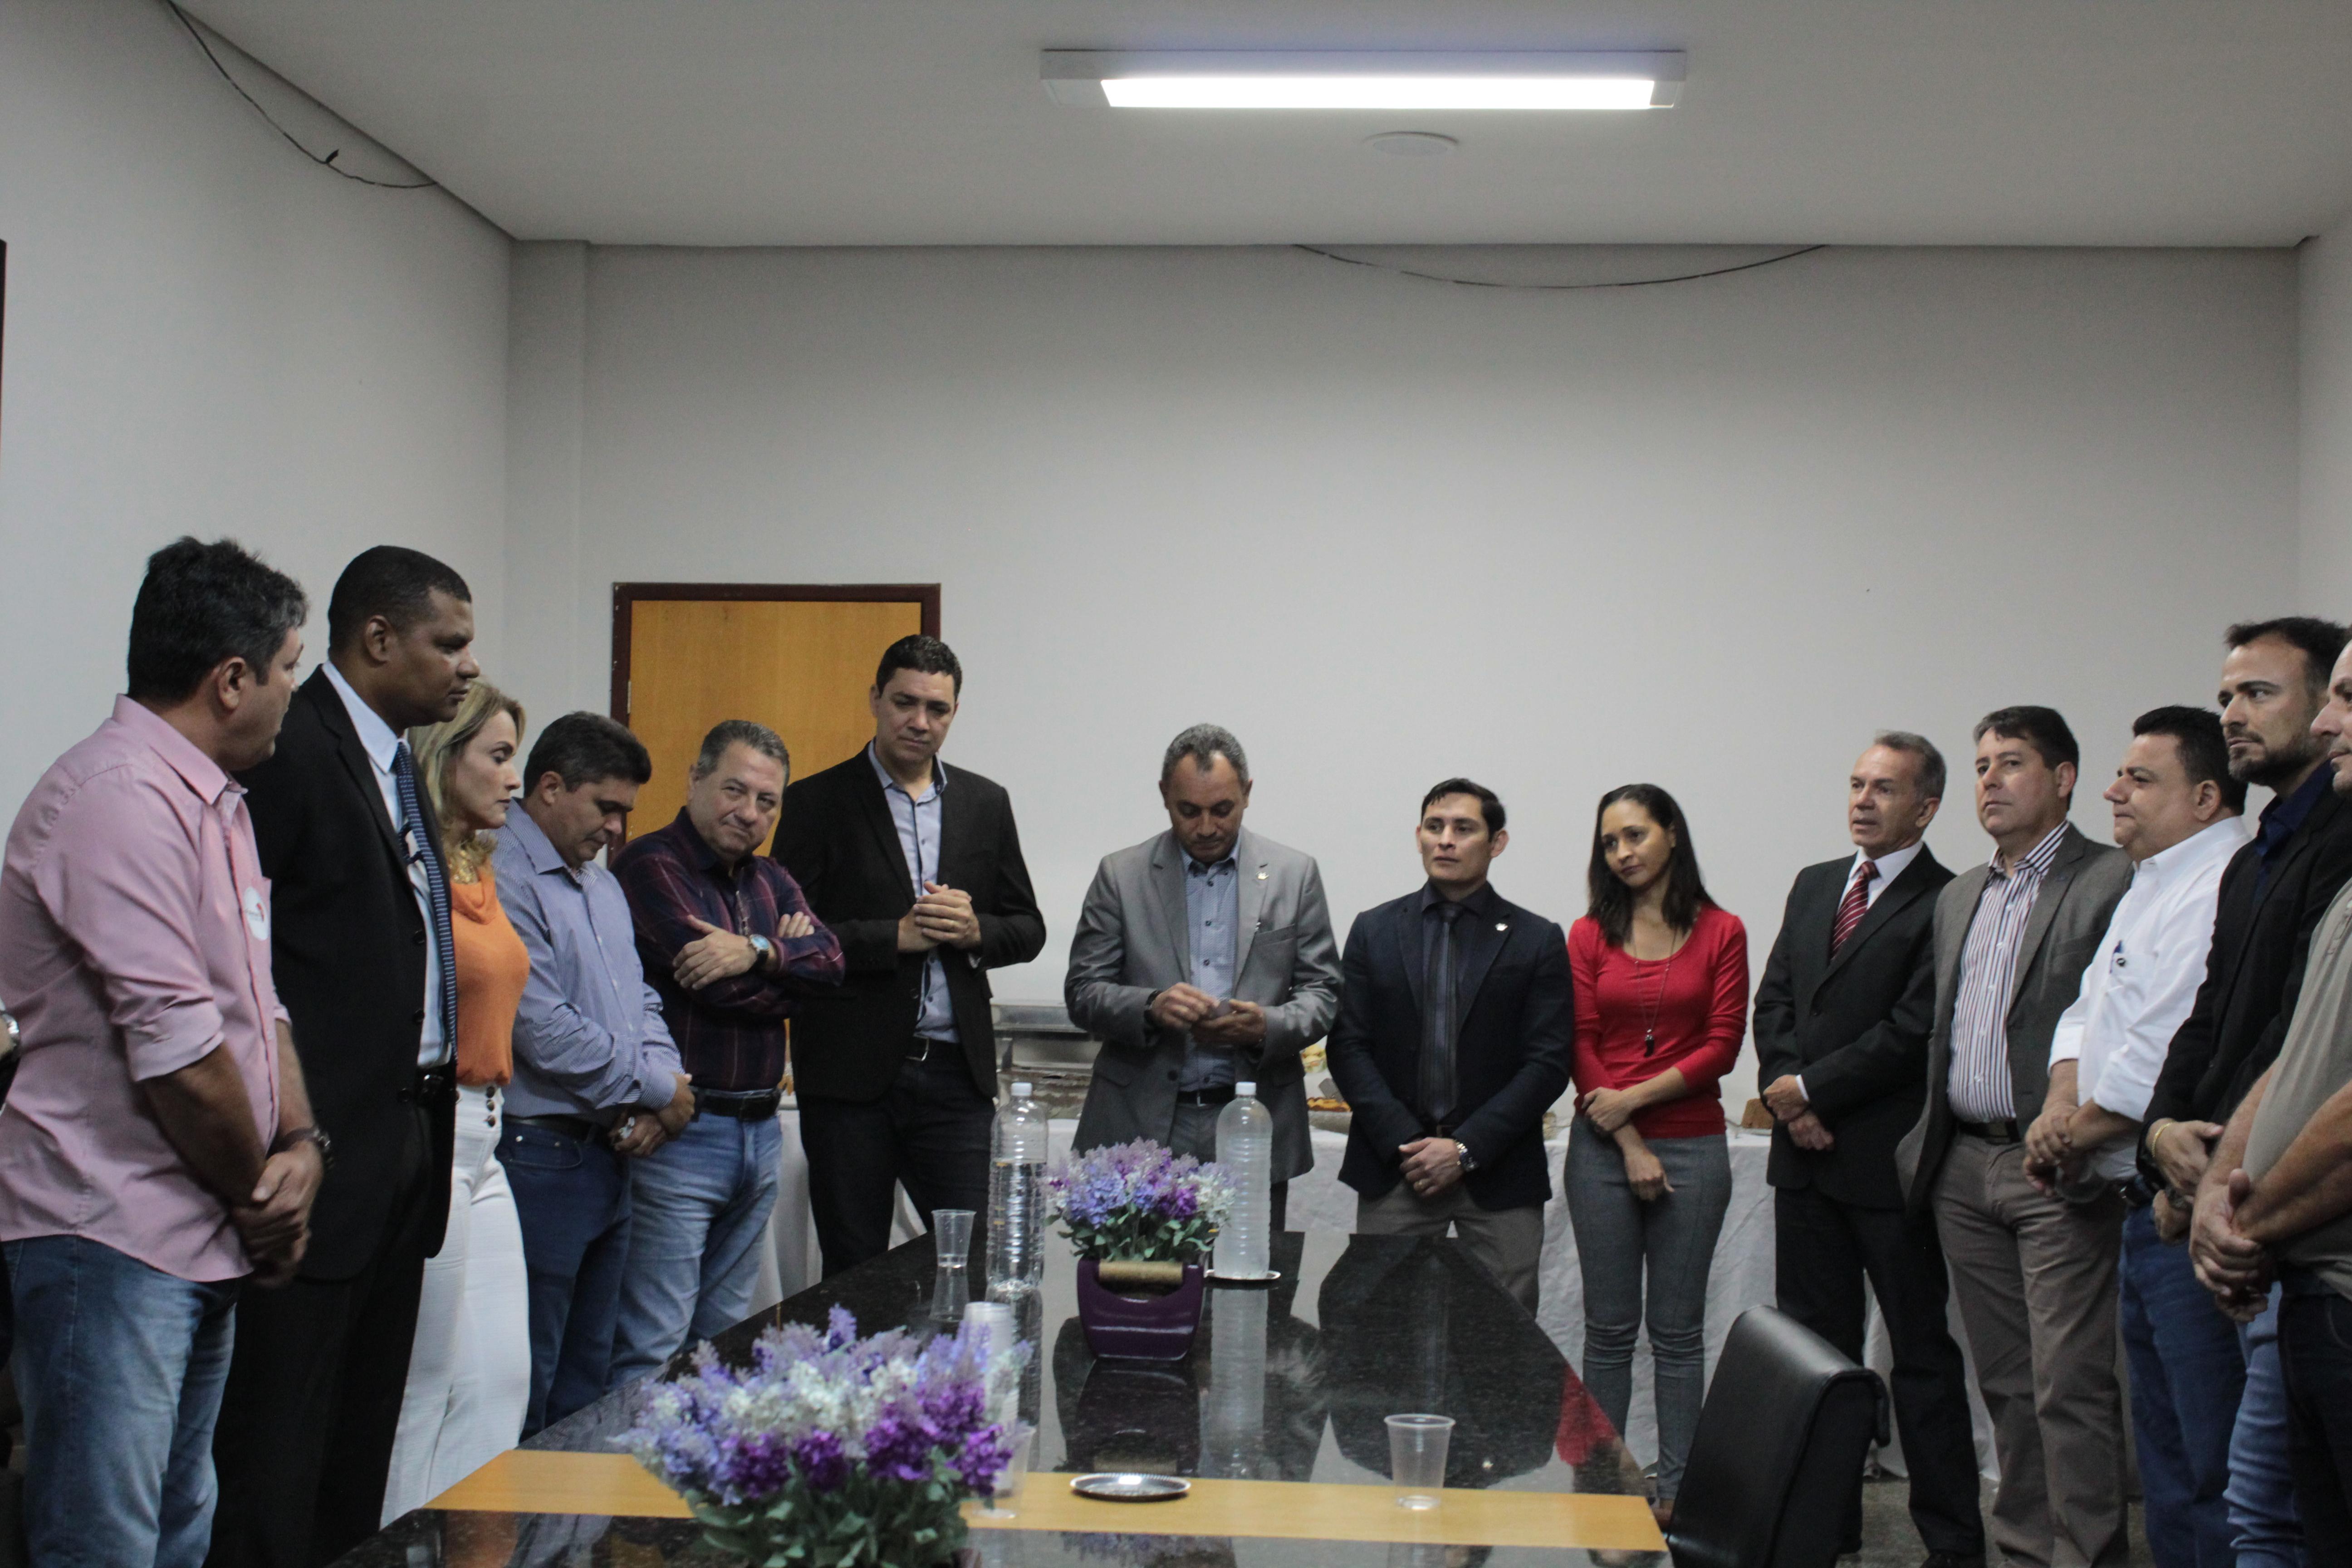 Dia do Administrador é comemorado na Câmara Municipal de Palmas